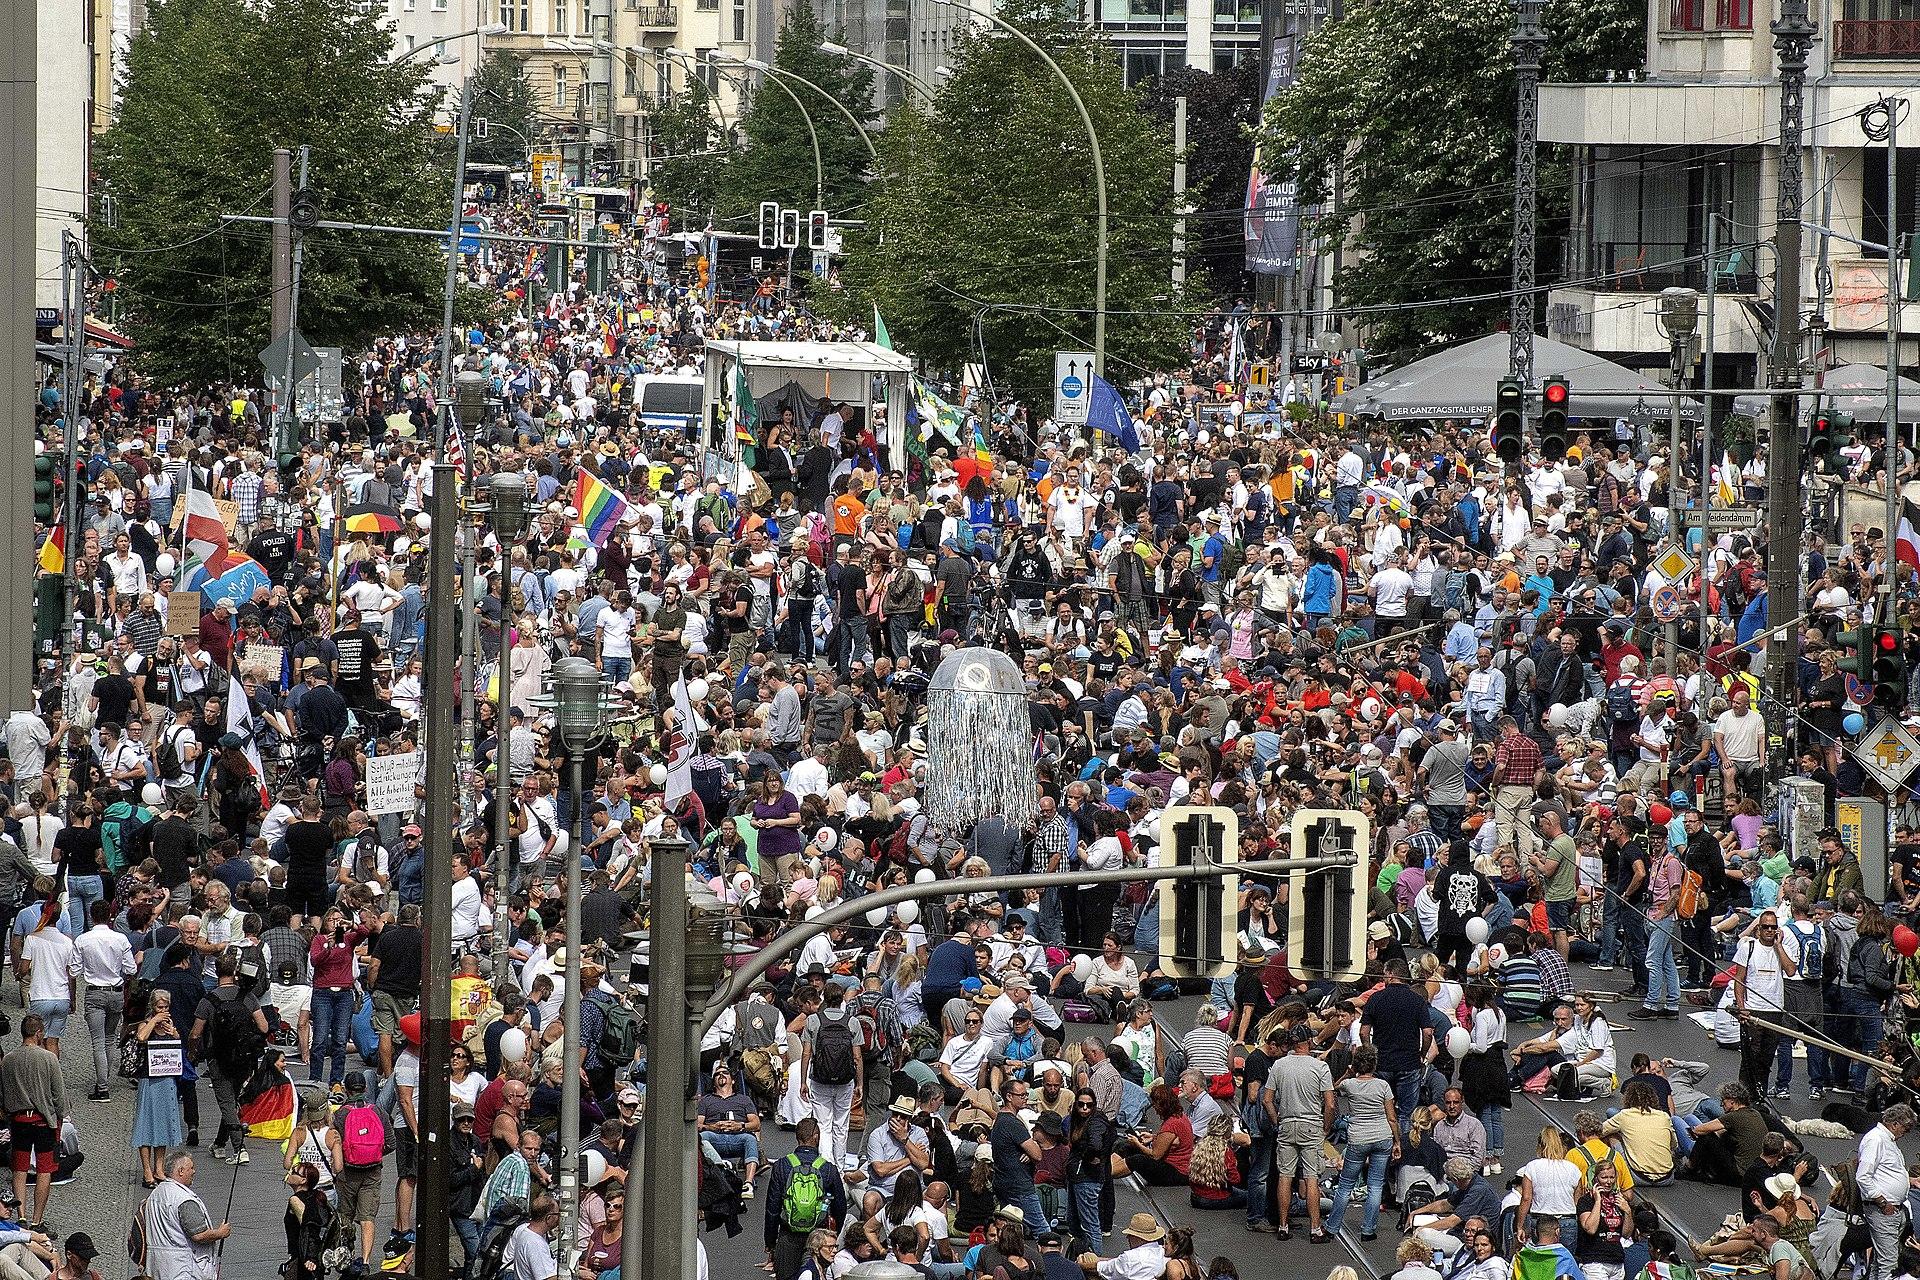 """Foto vom gestoppten Demonstrationszug """"Versammlung für die Freiheit!""""[42] von Querdenken 711 am 29. August 2020"""